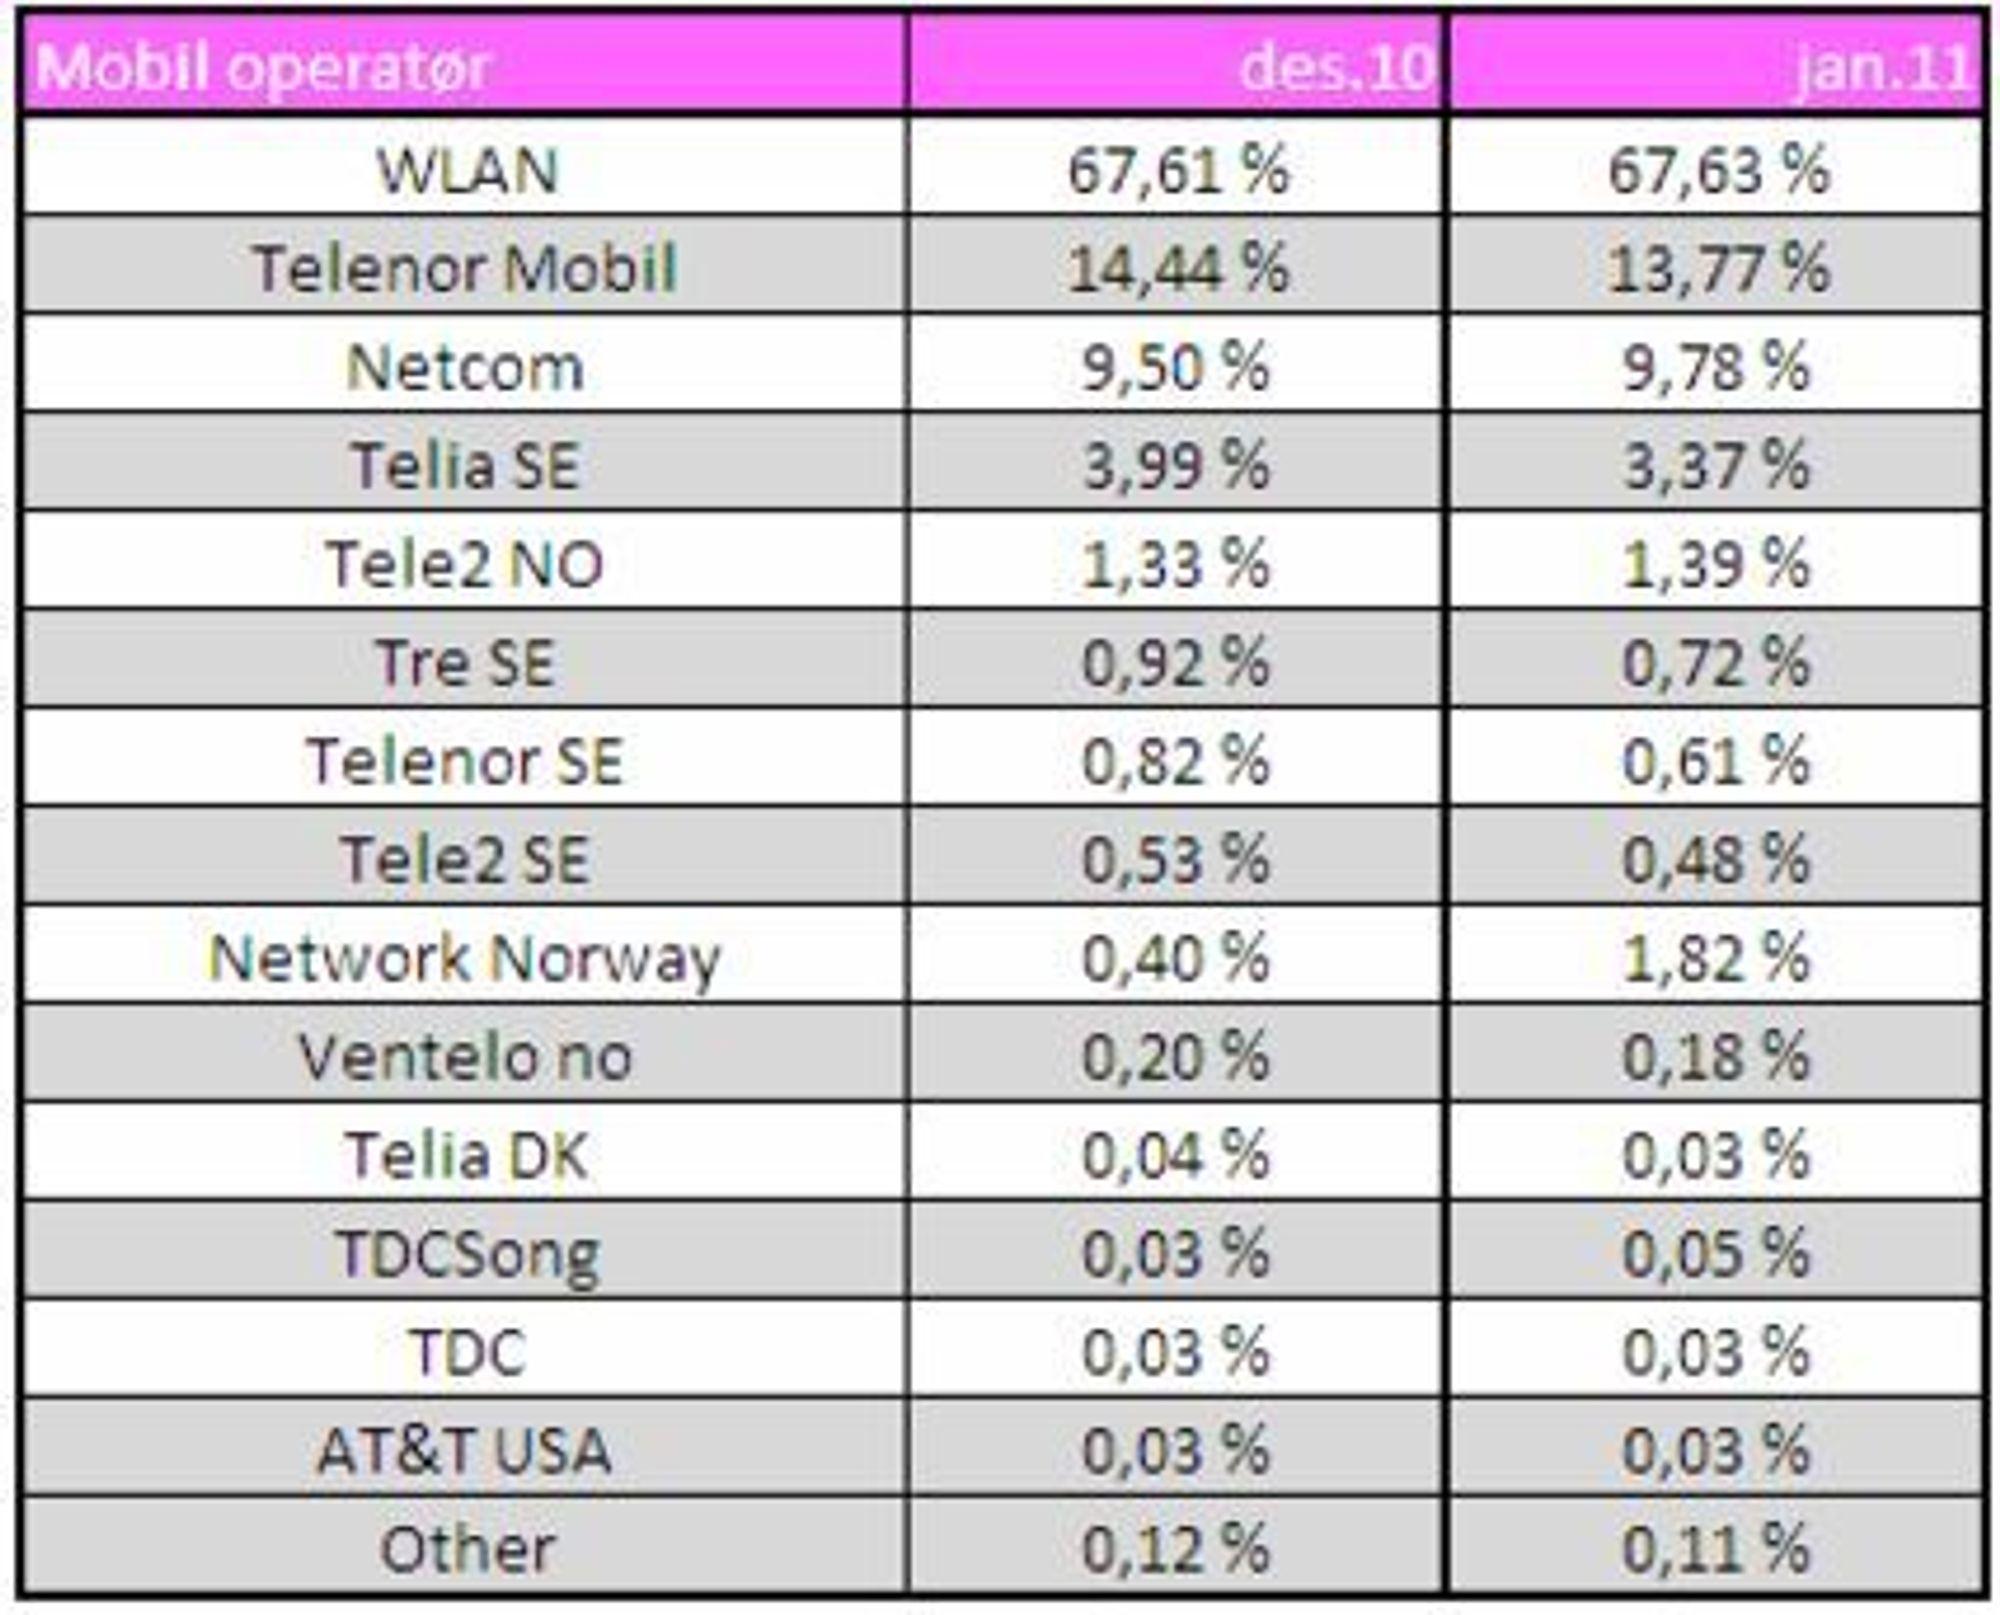 Bruken av mobildata ved besøk på norske mobiltilpassede nettsteder.